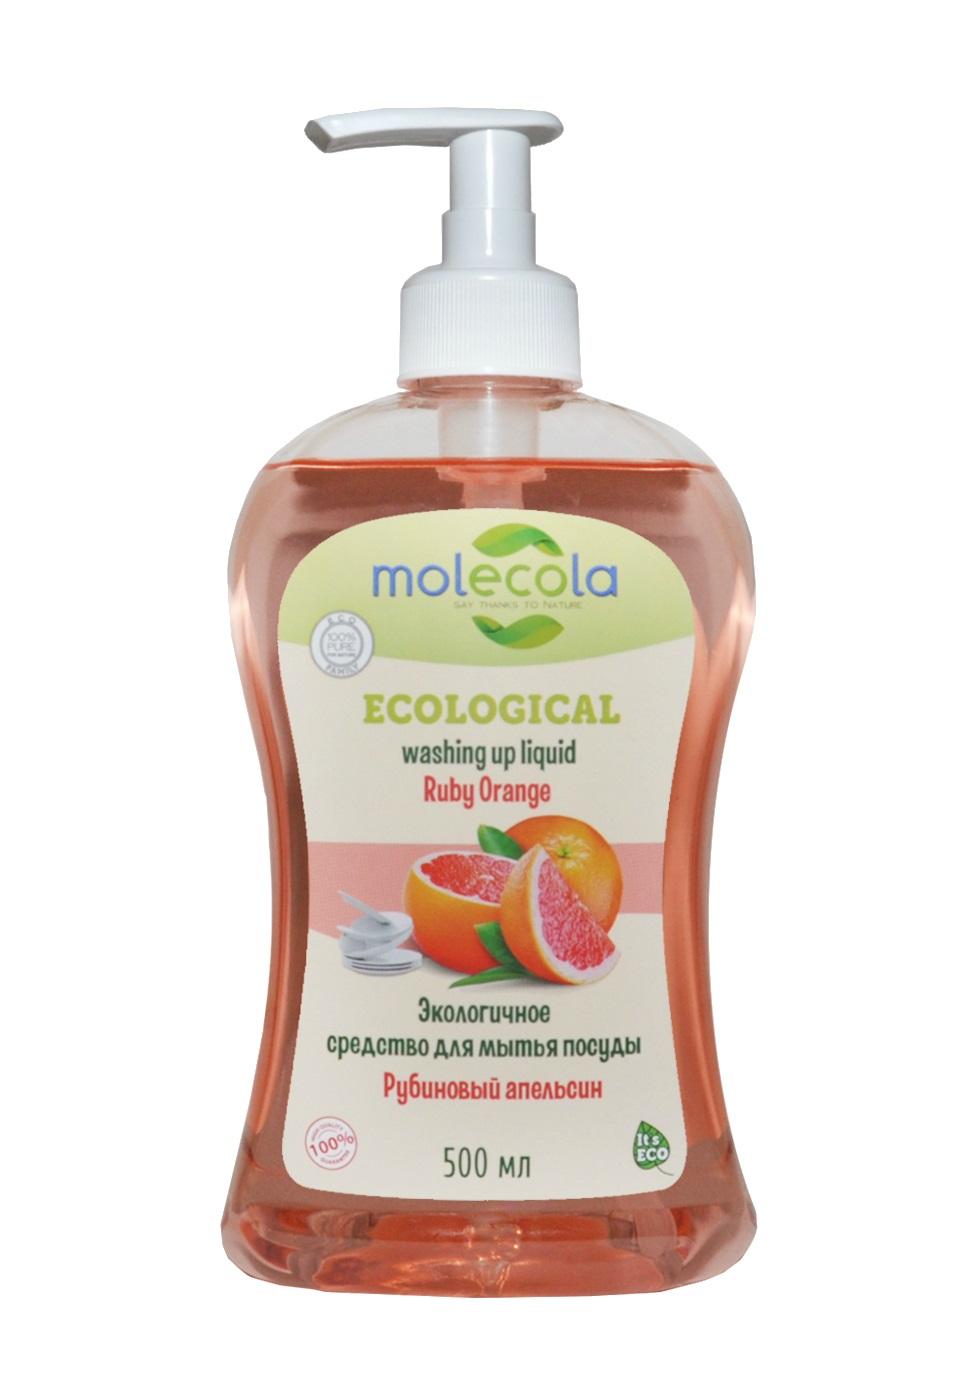 Антибактериальное средство для мытья посуды «Рубиновый апельсин», 500 мл, Molecola фото